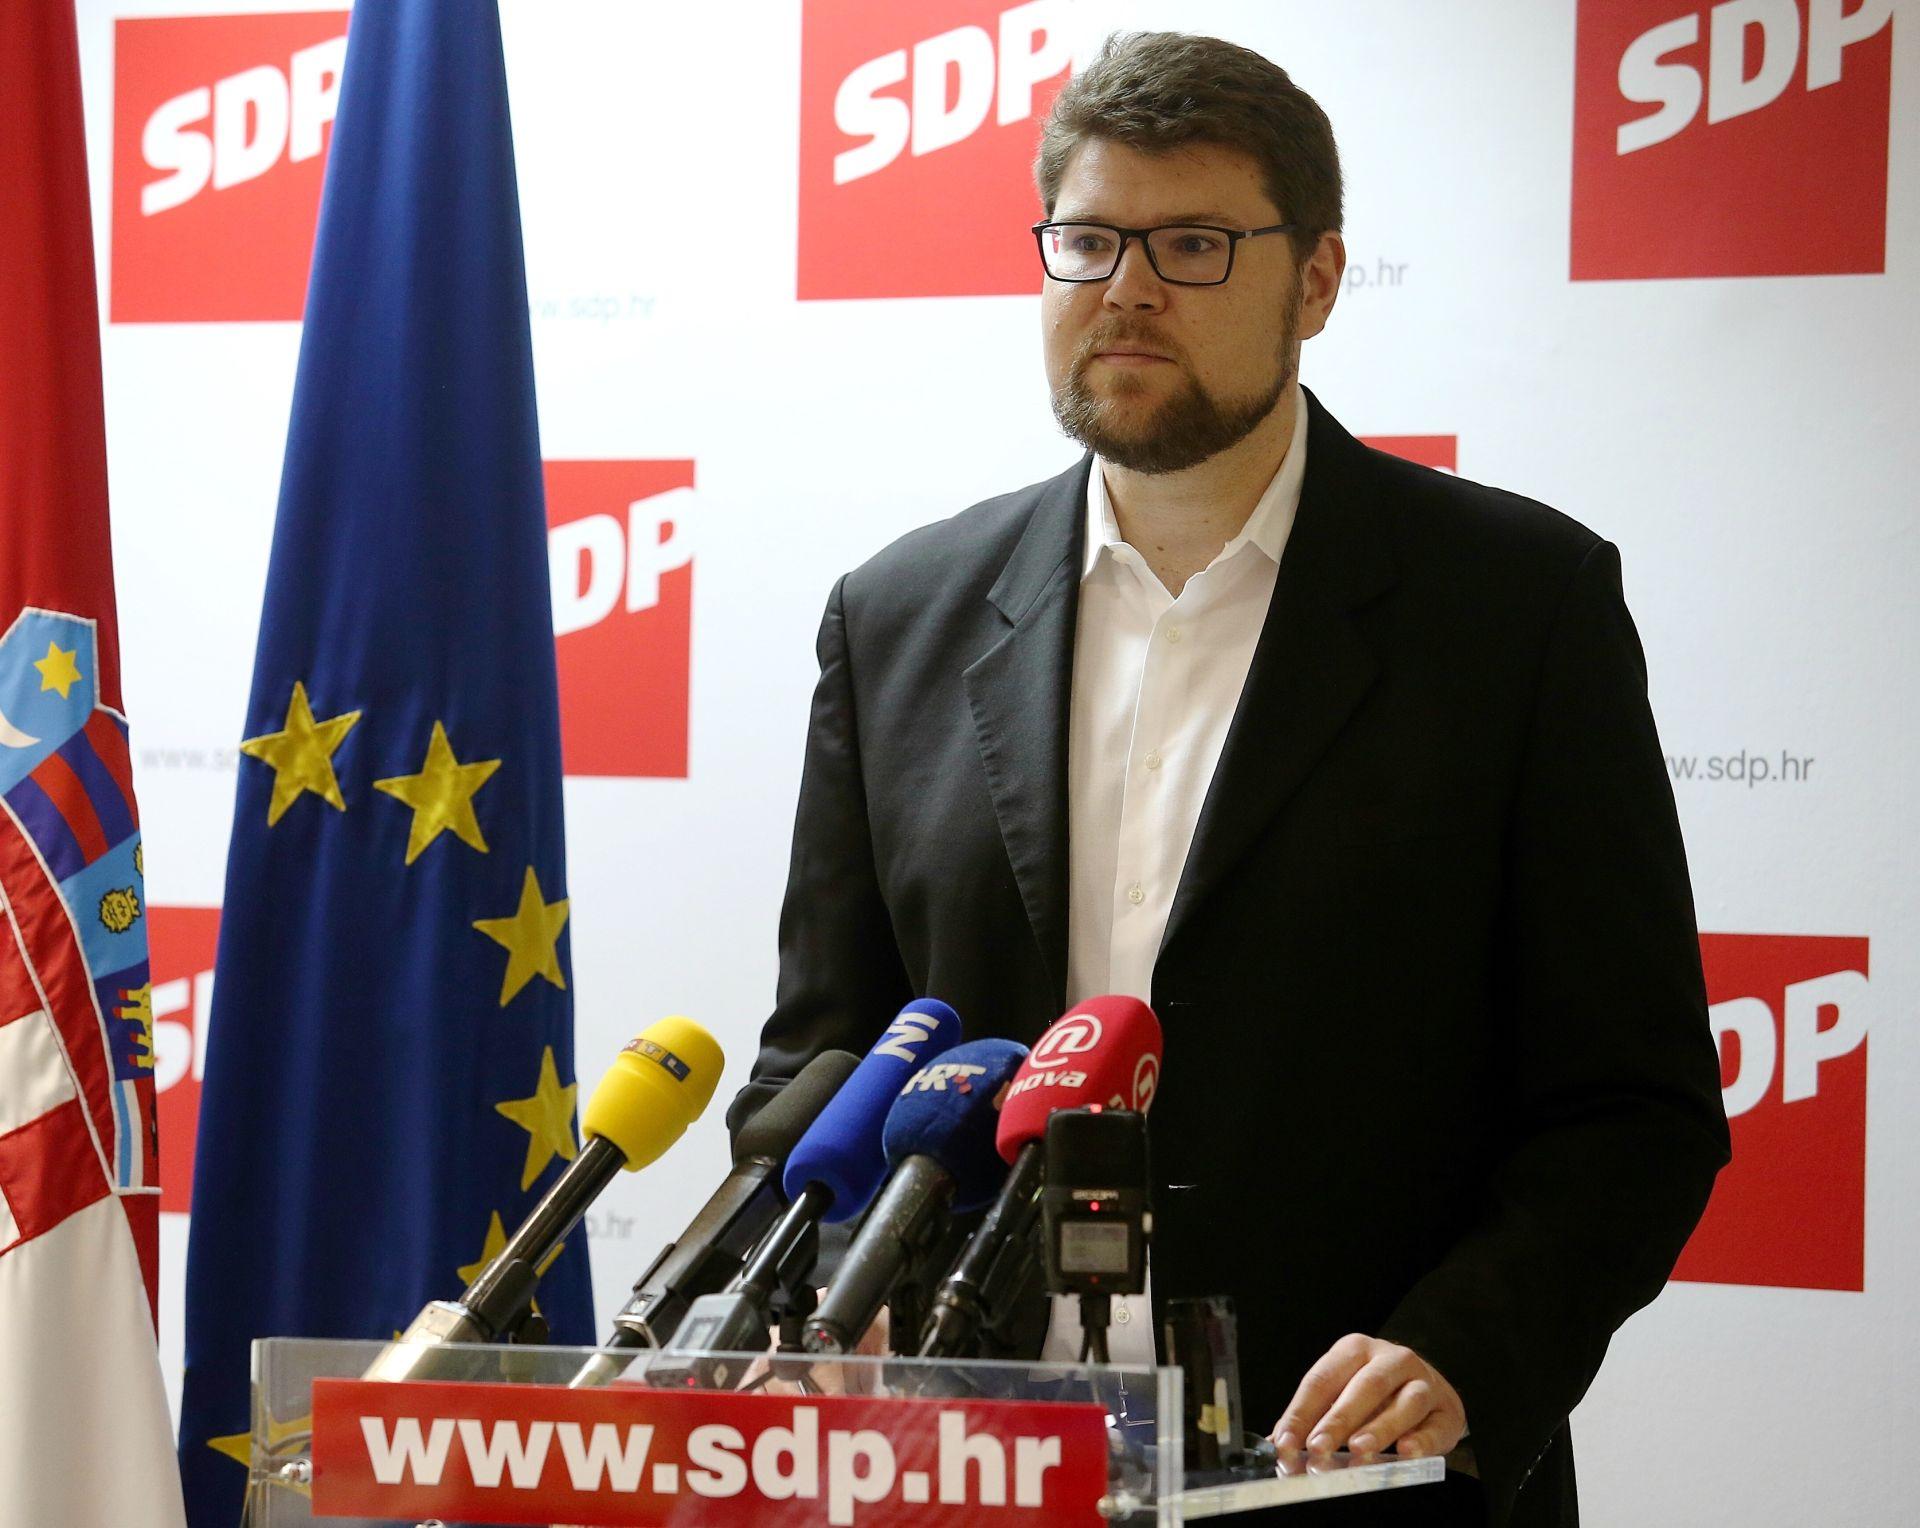 GRBIN O HASANBEGOVIĆU: 'Radi se o osobi koja je Hrvatskoj napravila štetu i bit će test je li Plenković doista promjena'